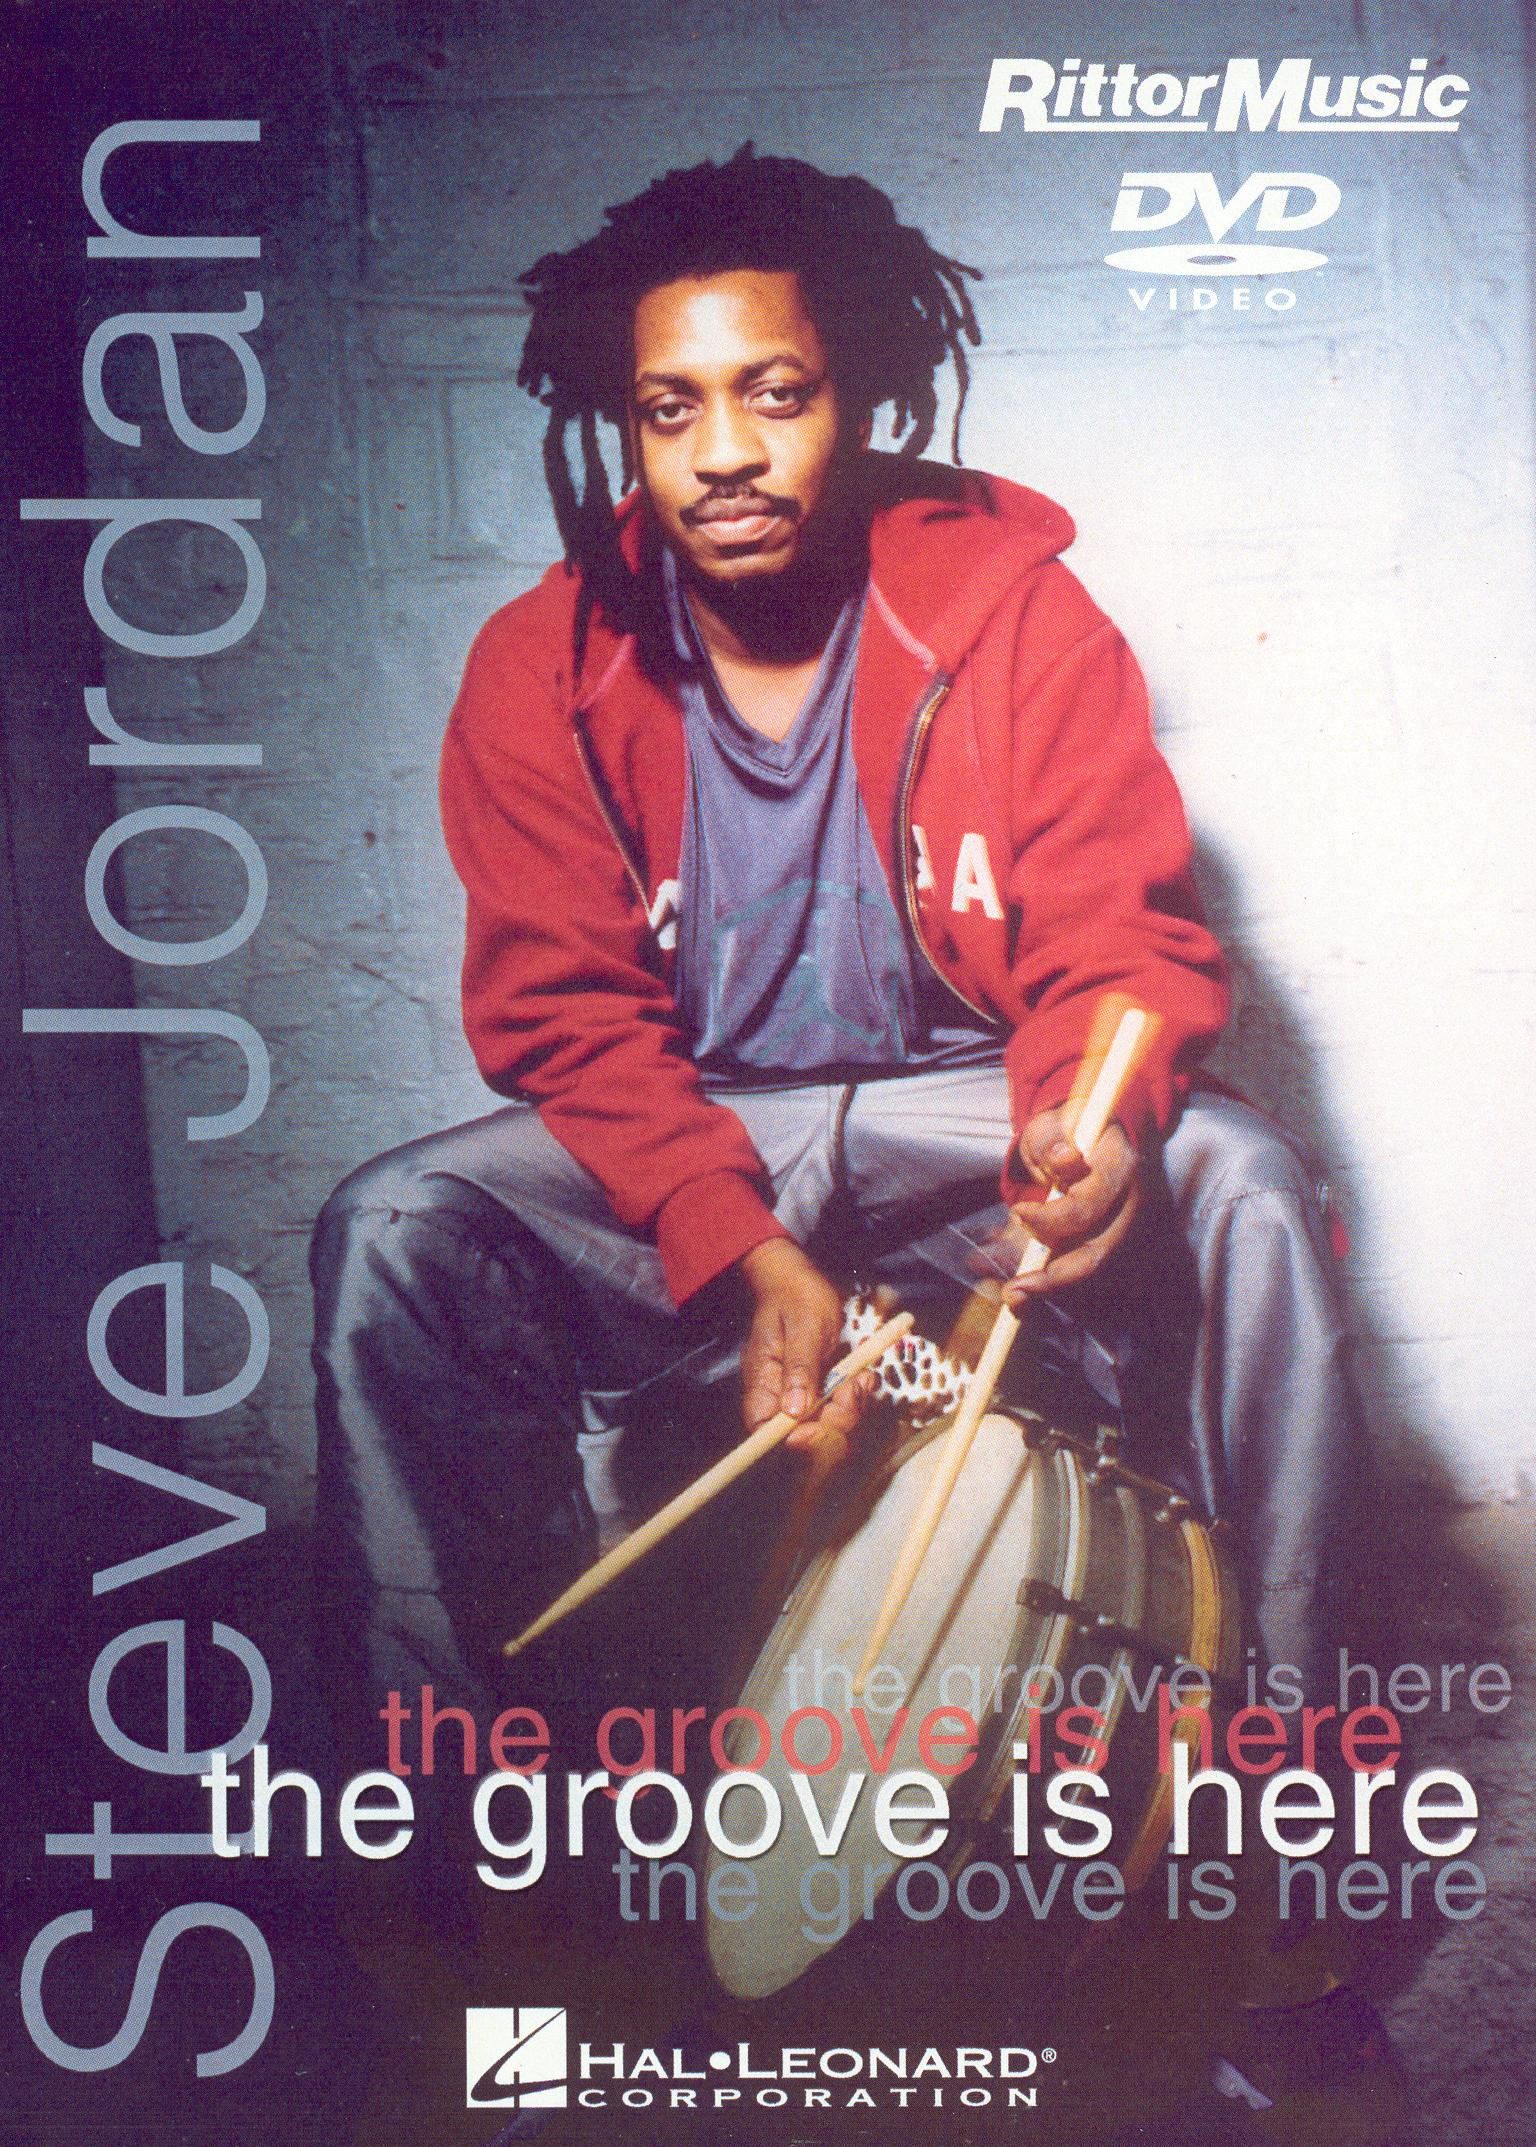 Steve Jordan: The Groove Is Here